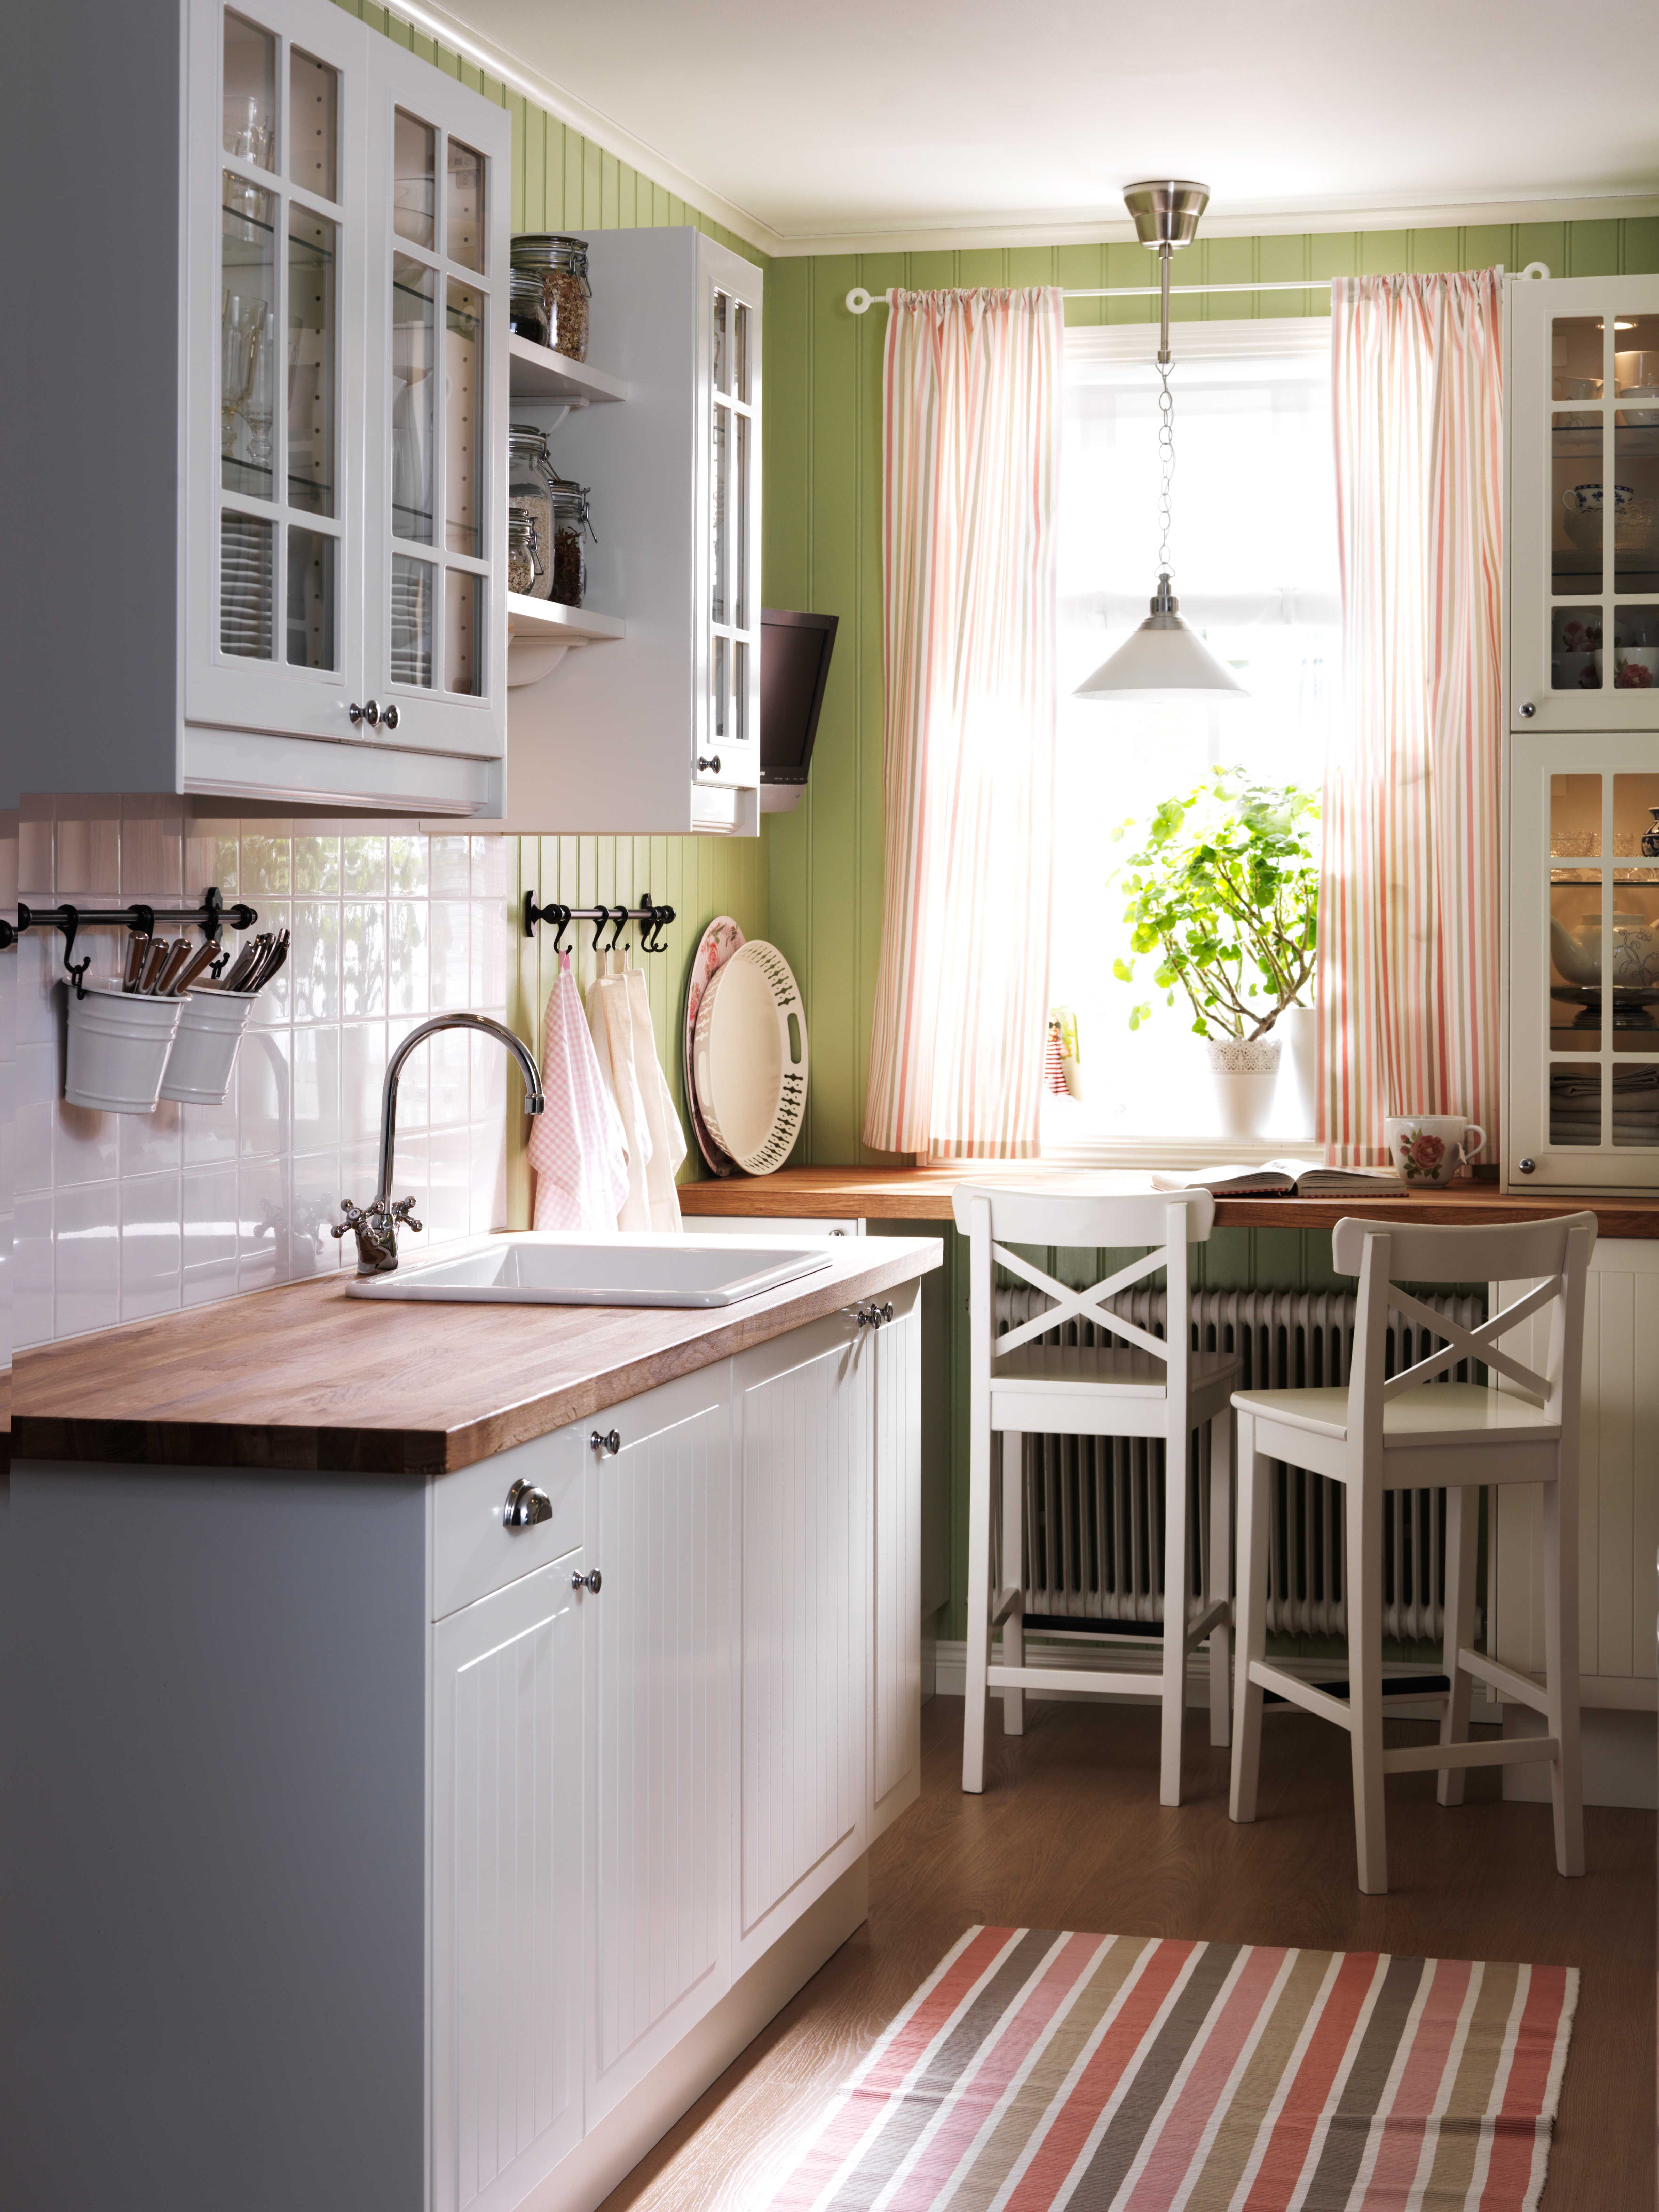 Kuche Online Kaufen Ganz In Deinem Stil Kuche Einbauen Haus Kuchen Wohnung Kuche